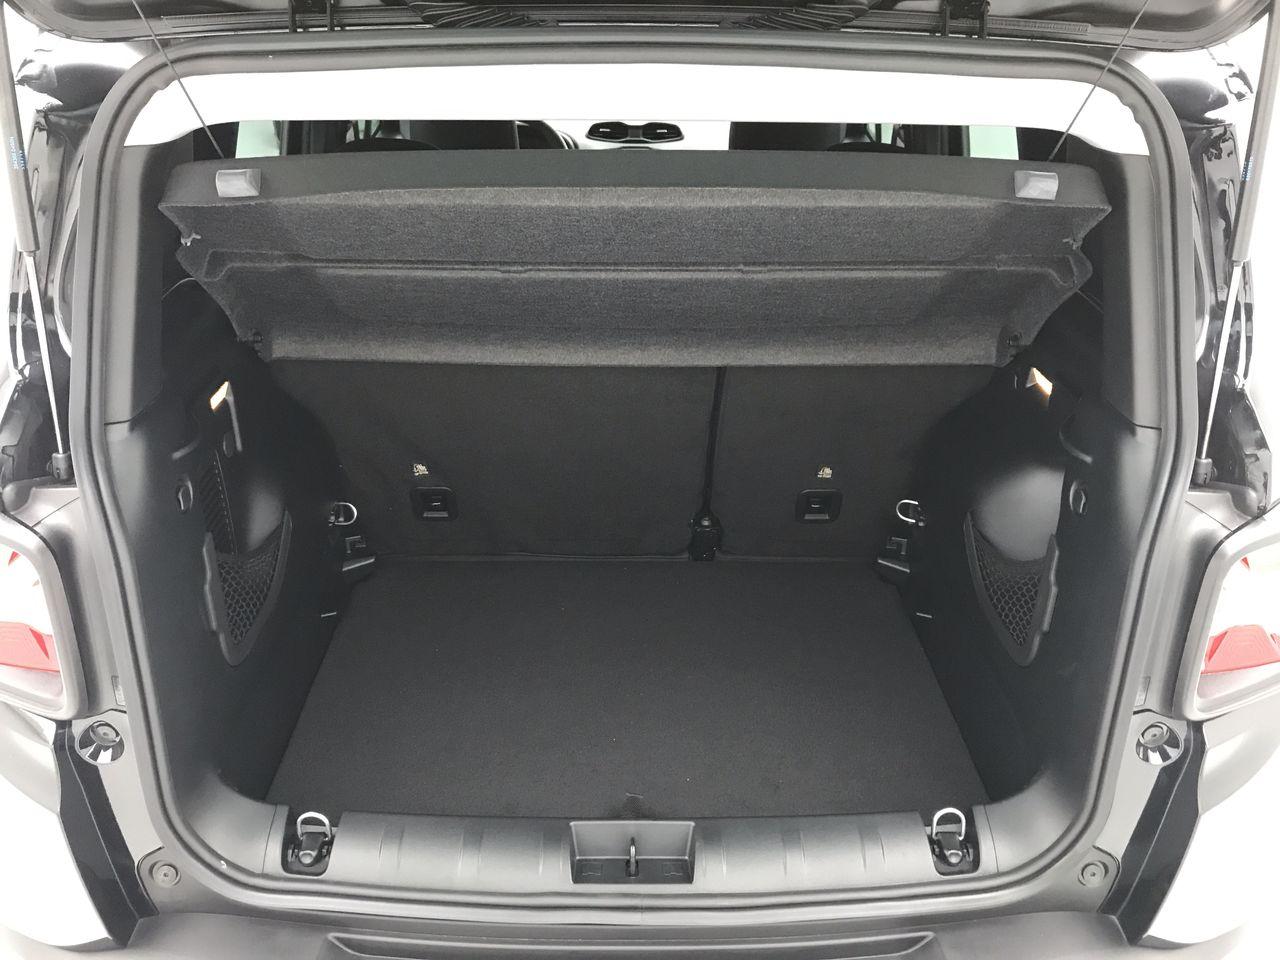 Renegade1.8 4x2 Flex 16V Aut.(PCD)